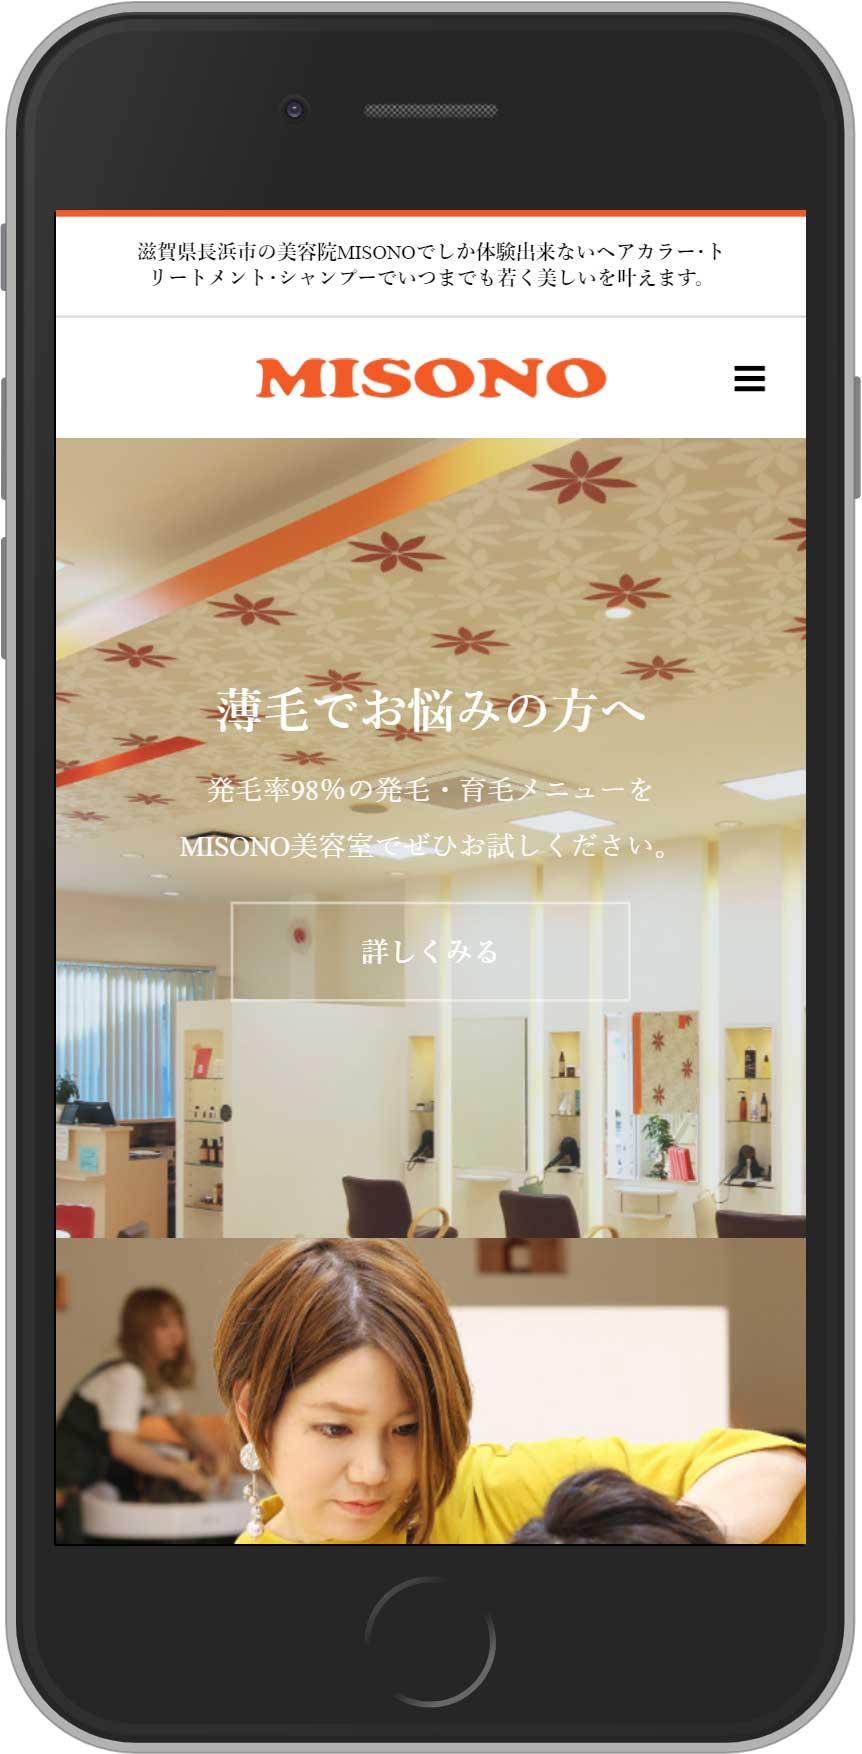 MISONO美容室・スマホ用デザイン